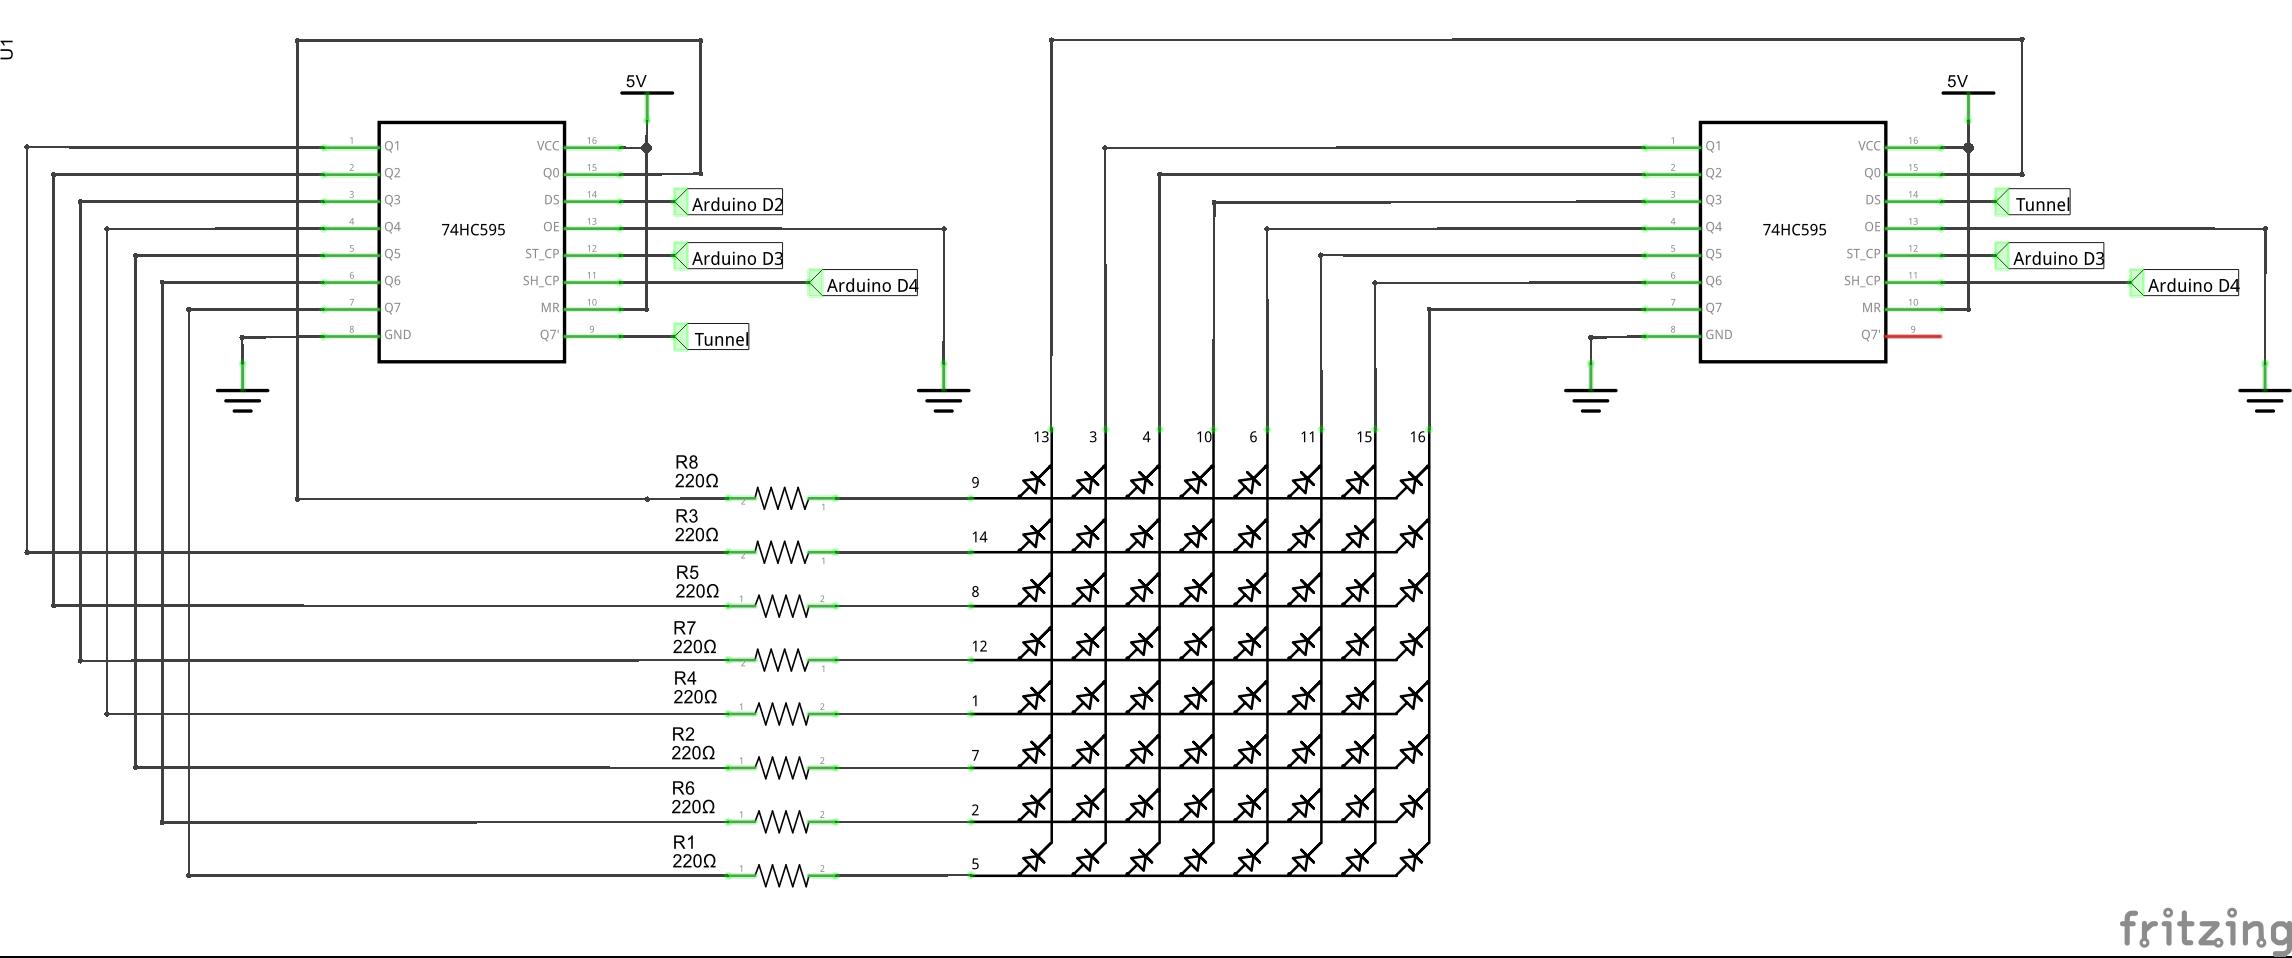 led-matrix-8x8_%D1%81%D1%85%D0%B5%D0%BC%